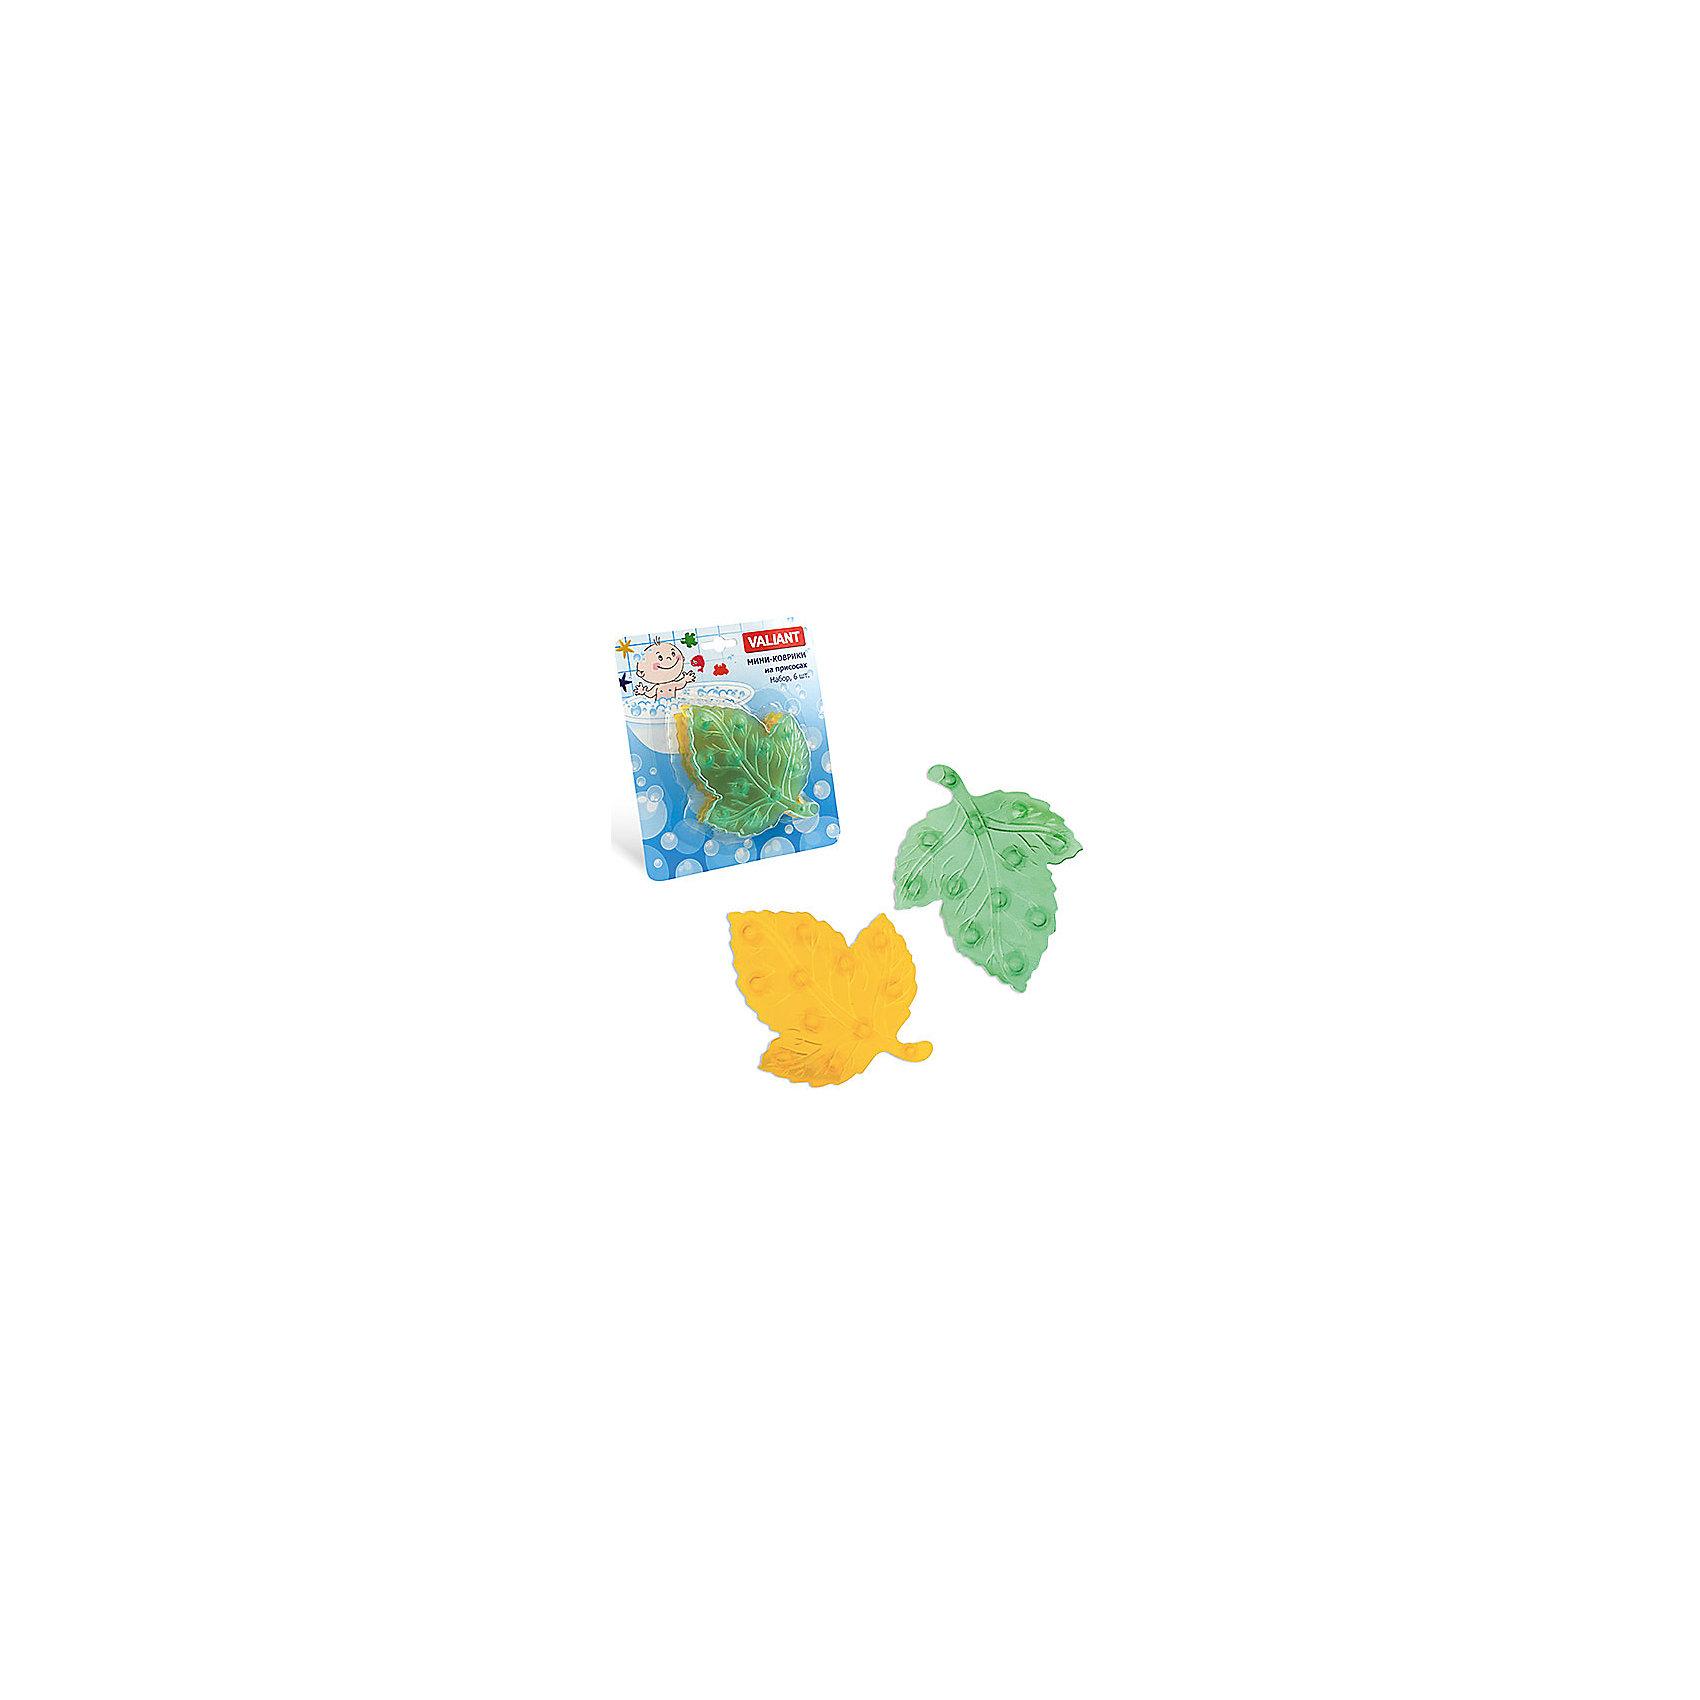 Мини-коврики для ванной Листики, 6 шт (желтый и зеленый)Мини-коврики для ванной комнаты - это яркое дополнение к купанию малыша. Это и игра и развитие моторики и изучение зверушек. <br>Колоссальный и постоянно растущий спрос на них обусловлен реакцией малышей и их мам на данное изобретение по всему миру.<br>Мини-коврики снабжены присосками и превосходно клеятся на влажный кафель.<br><br>Ширина мм: 110<br>Глубина мм: 140<br>Высота мм: 50<br>Вес г: 116<br>Возраст от месяцев: -2147483648<br>Возраст до месяцев: 2147483647<br>Пол: Унисекс<br>Возраст: Детский<br>SKU: 4563308